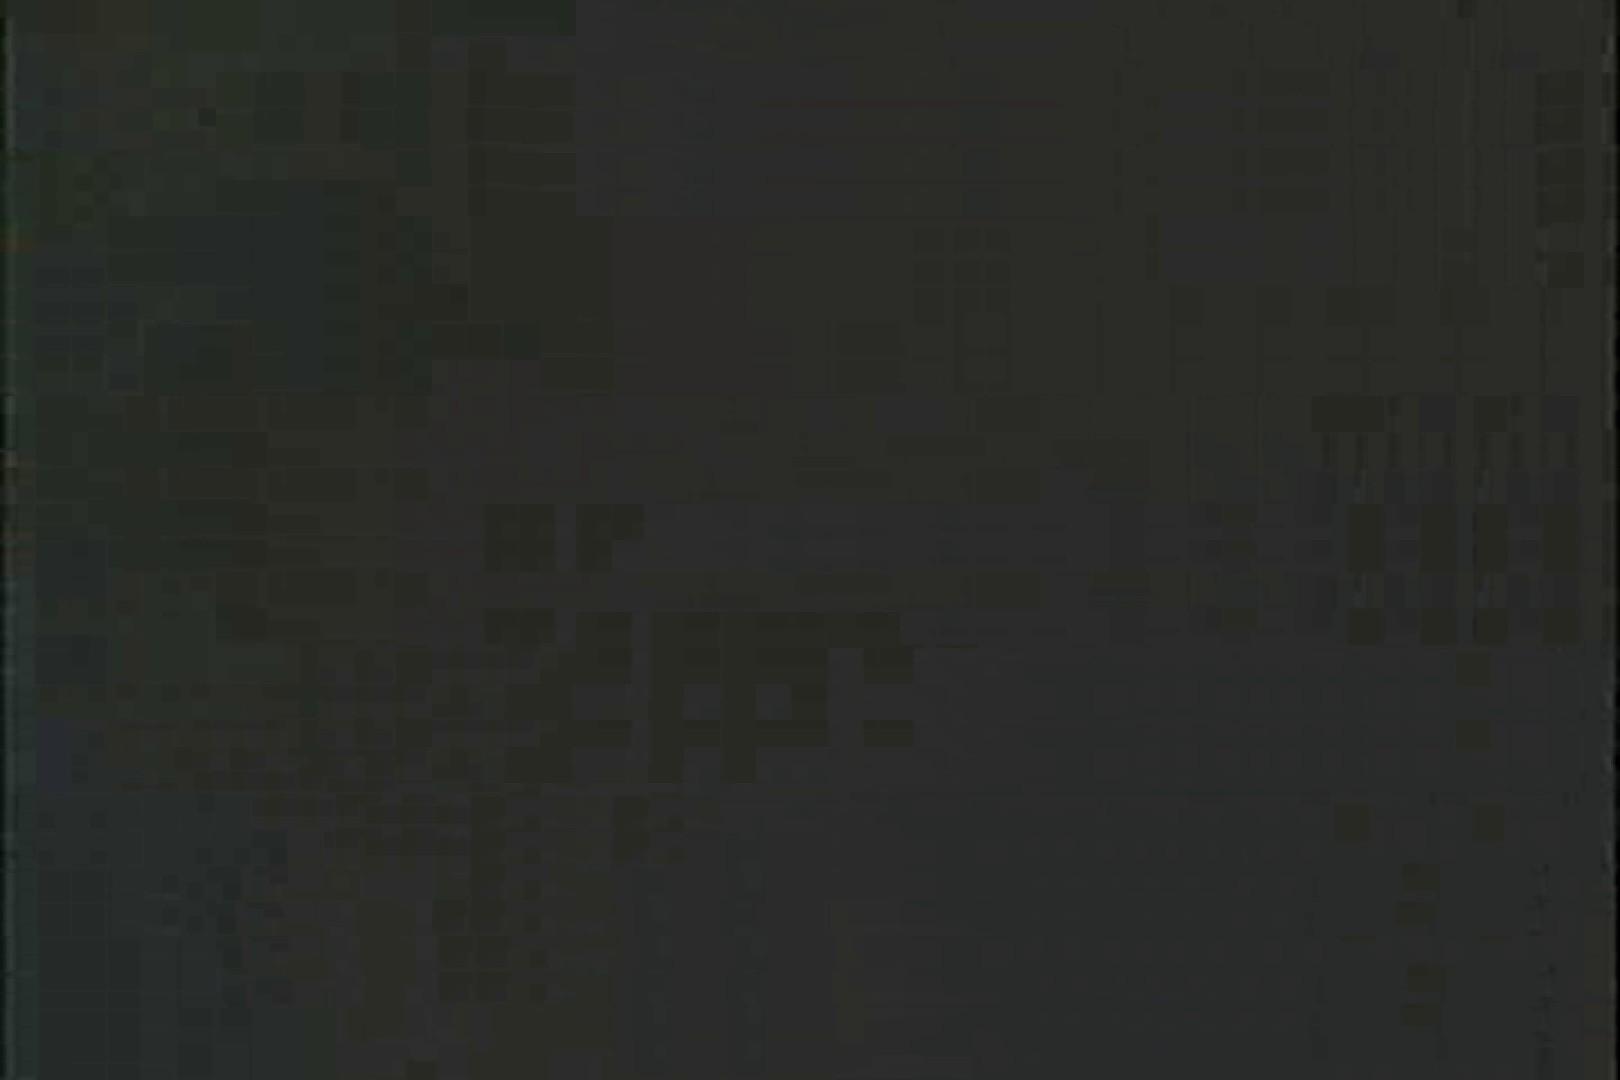 「ちくりん」さんのオリジナル未編集パンチラVol.3_02 エロティックなOL SEX無修正画像 87画像 34